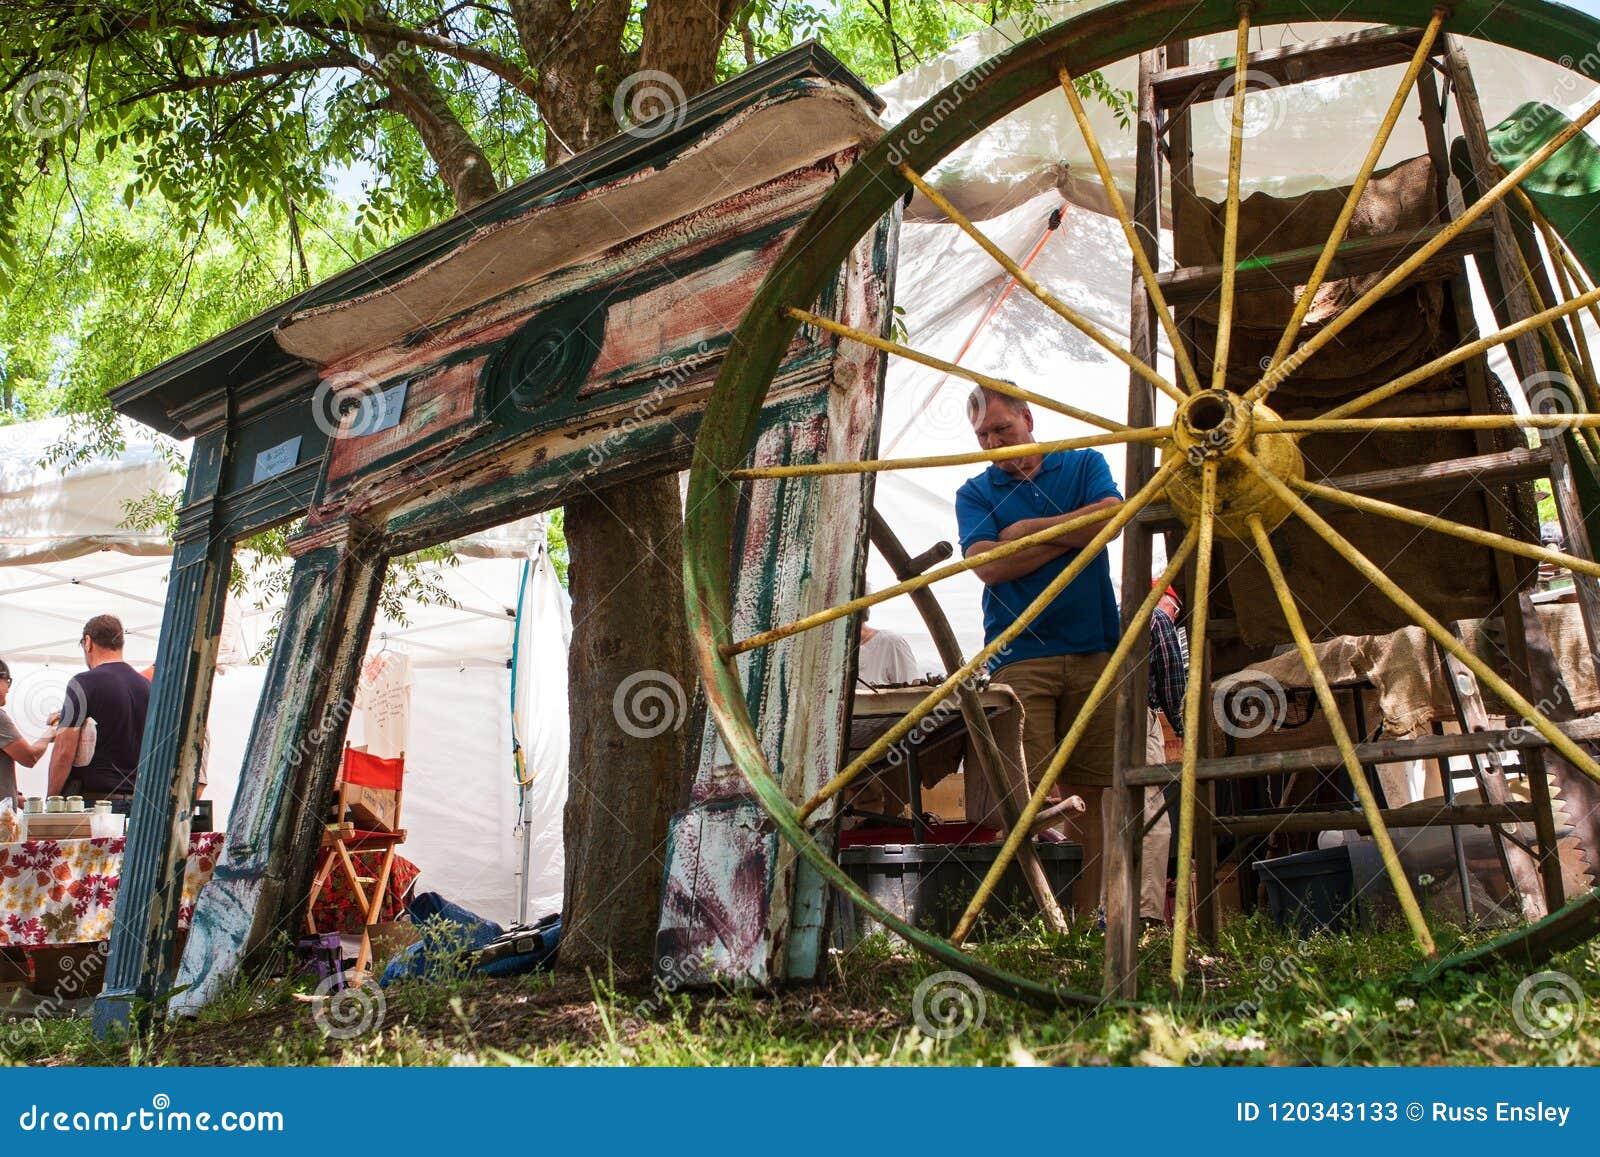 Kamin-Kaminsimse und Lastwagen-Räder für Verkauf am antiken Festival